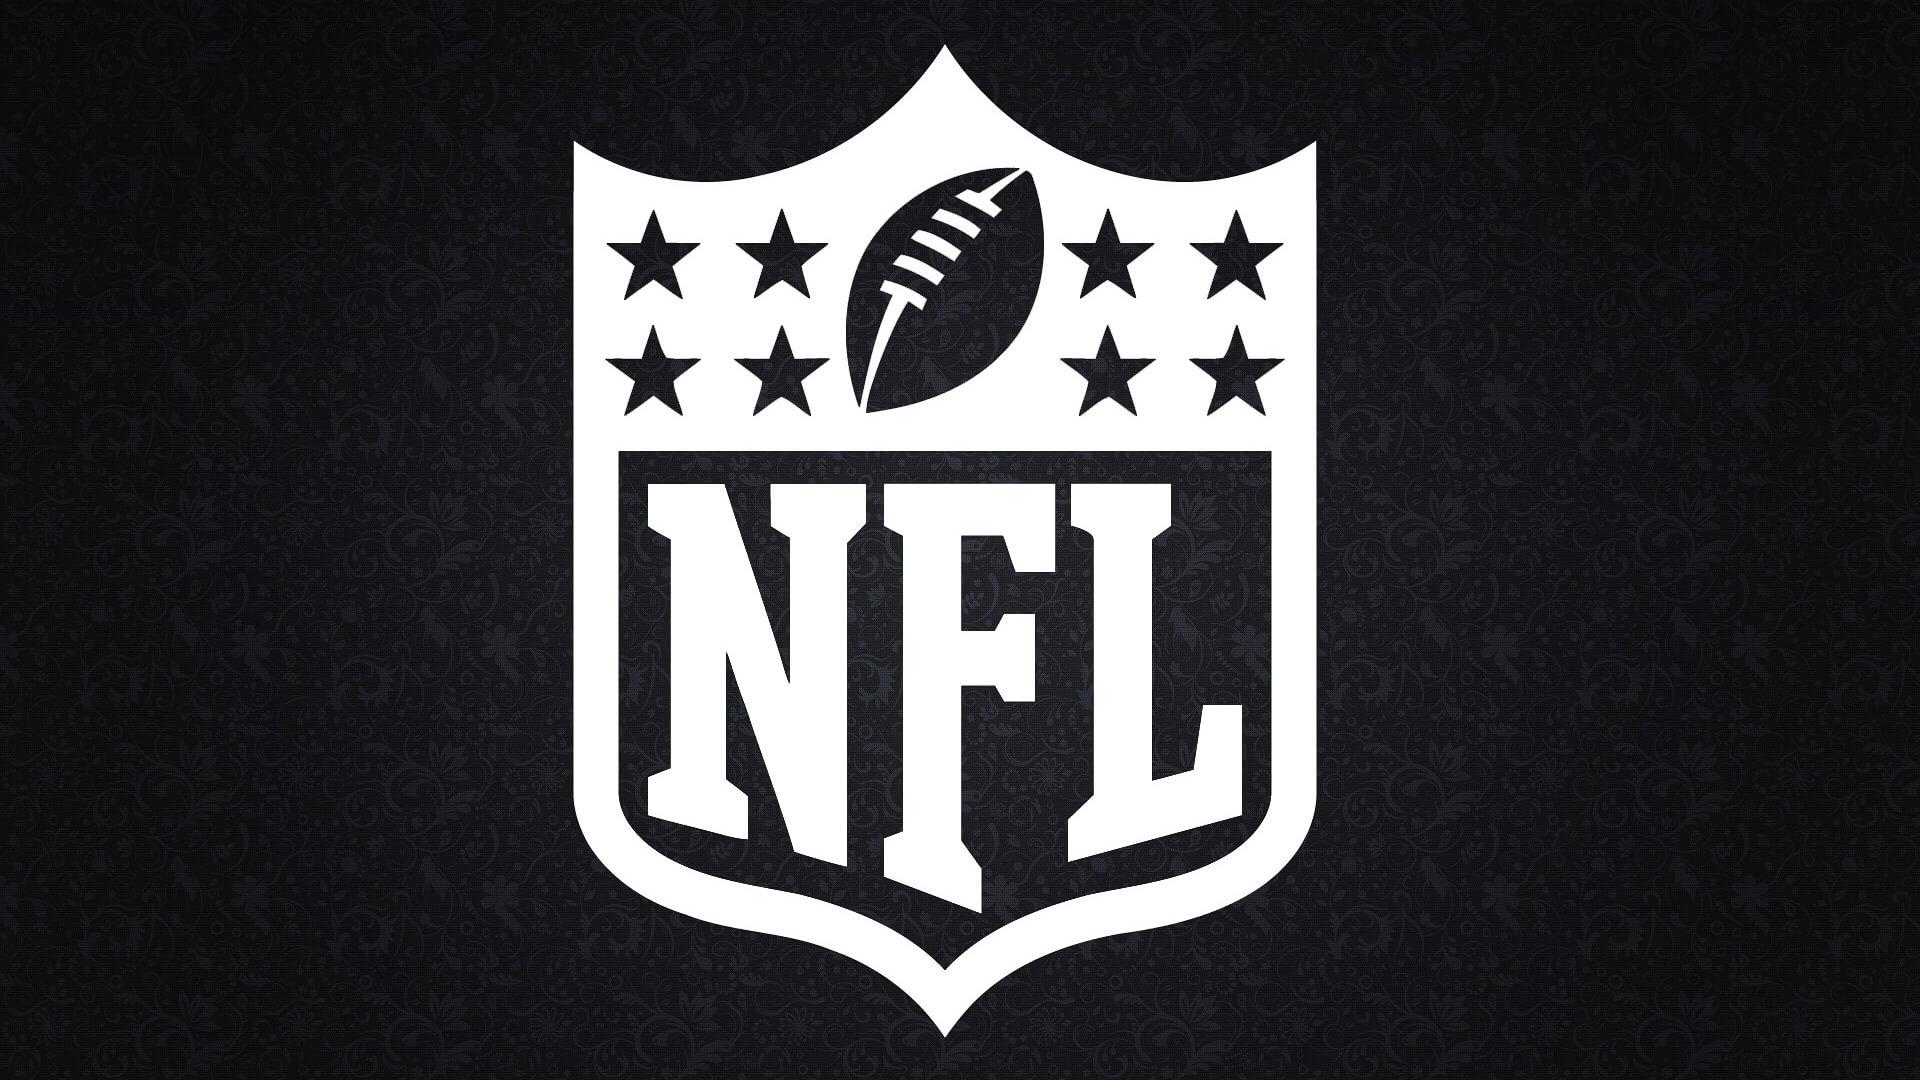 NFL Helmet Challenge Adaylarına $1.37 Milyon Fon Desteği | Korumalı Futbol Türkiye